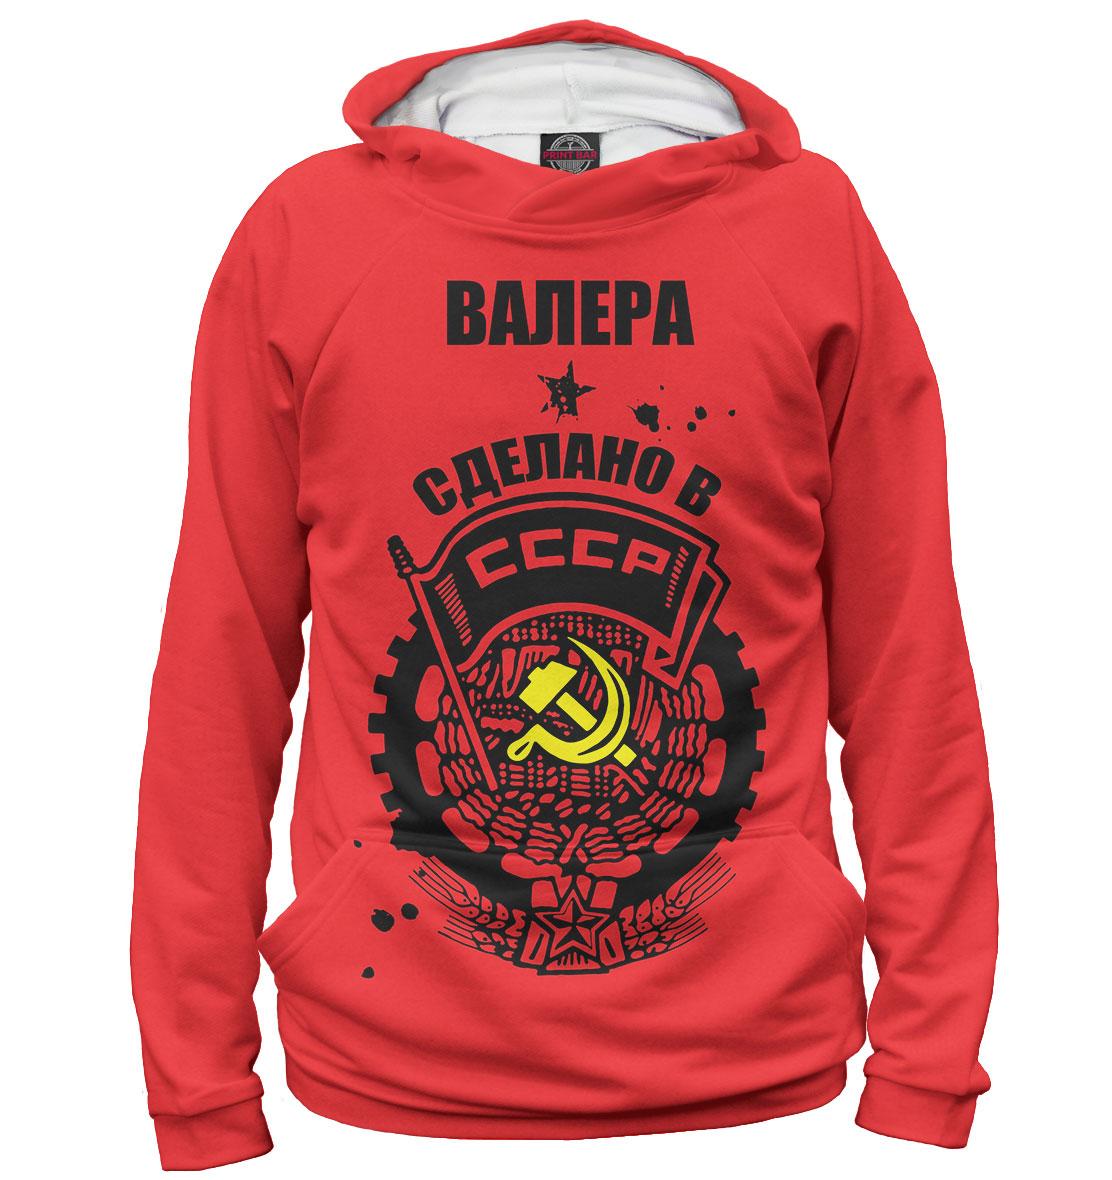 Купить Валера — сделано в СССР, Printbar, Худи, VLR-854239-hud